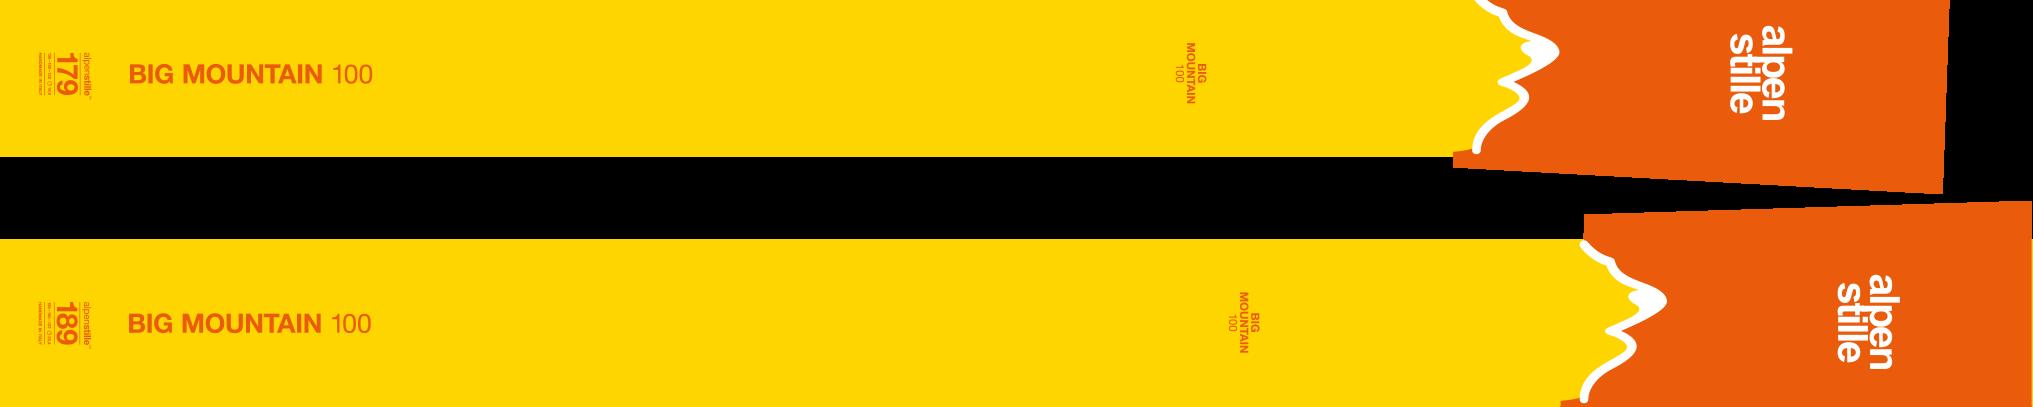 BIG-MOUNTAIN-100_Groessen